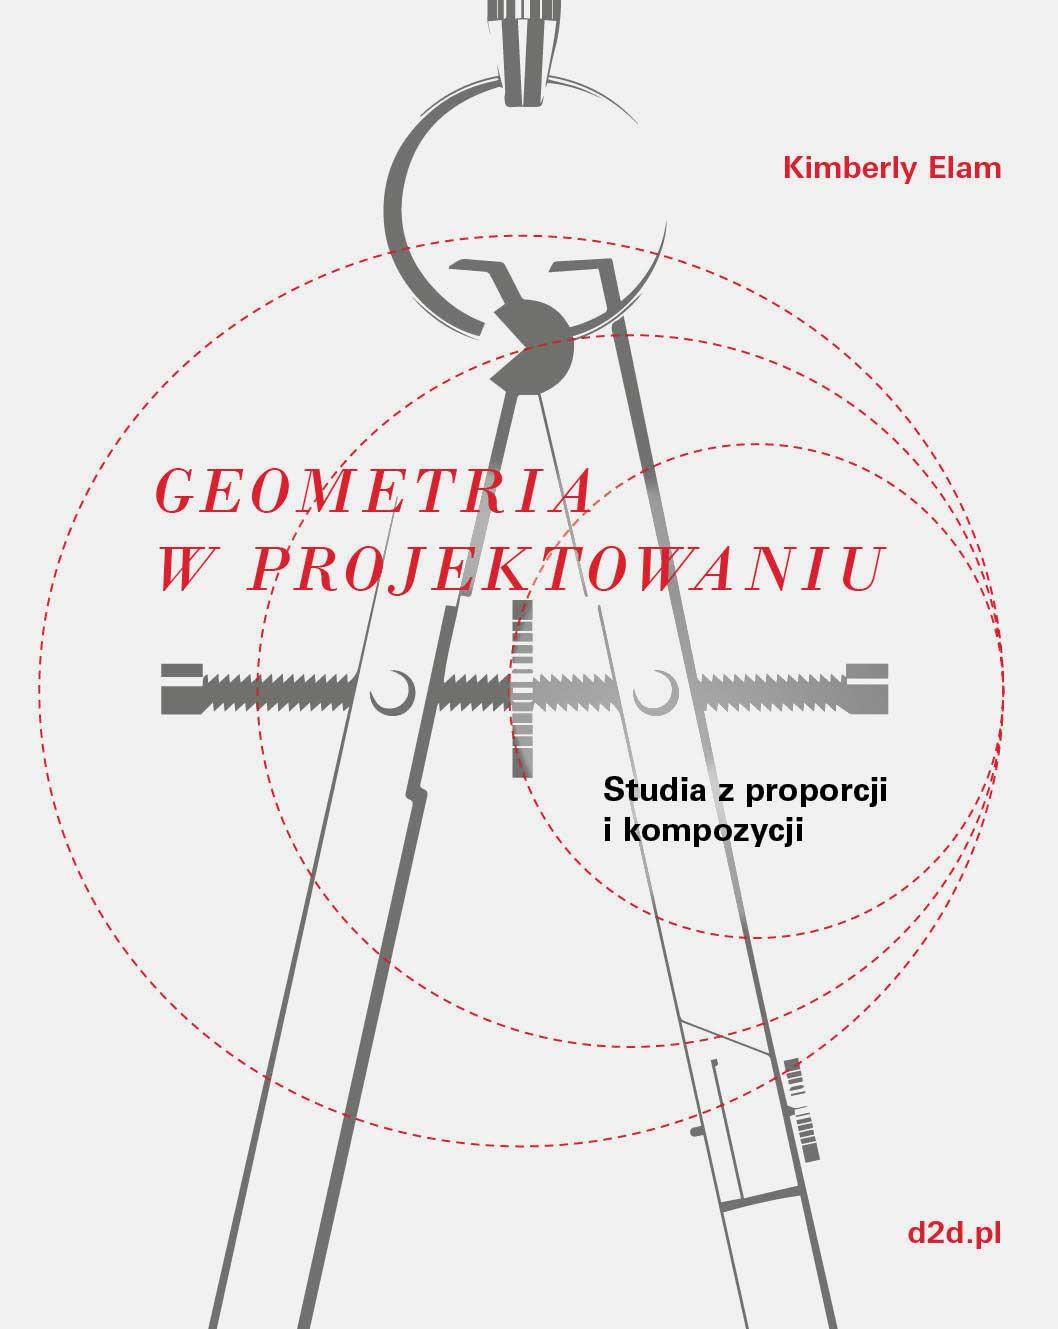 Kimberly Elam, Geometria wprojektowaniu. Studia zproporcji ikompozycji